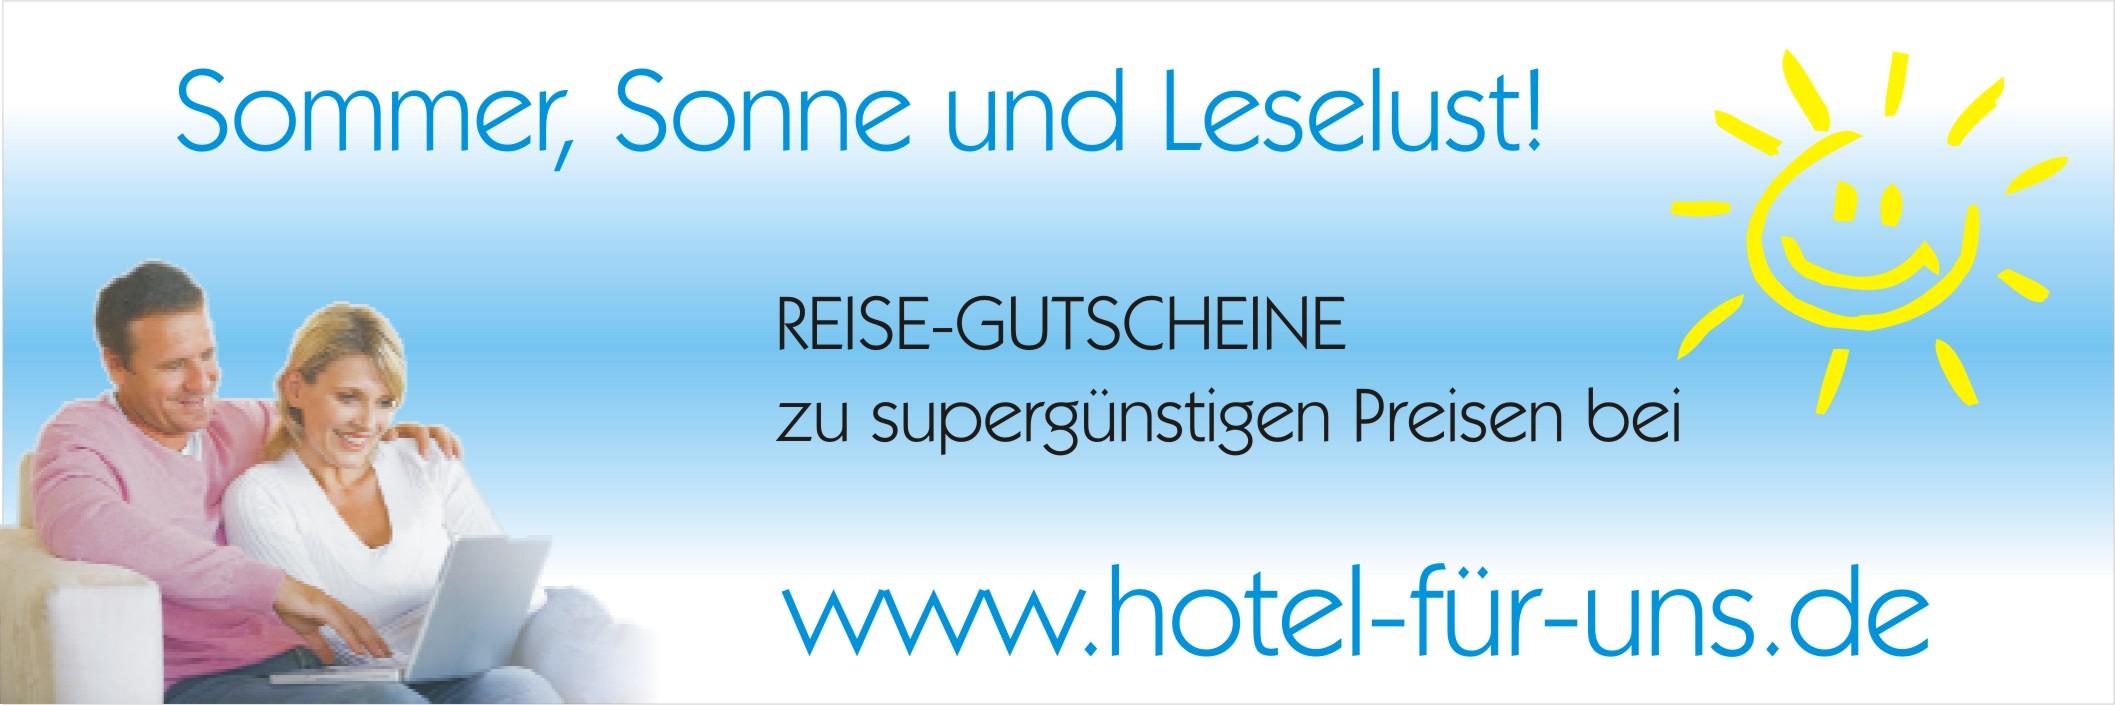 Supergünstige Hotelgutscheine - bis zu 70 % sparen!